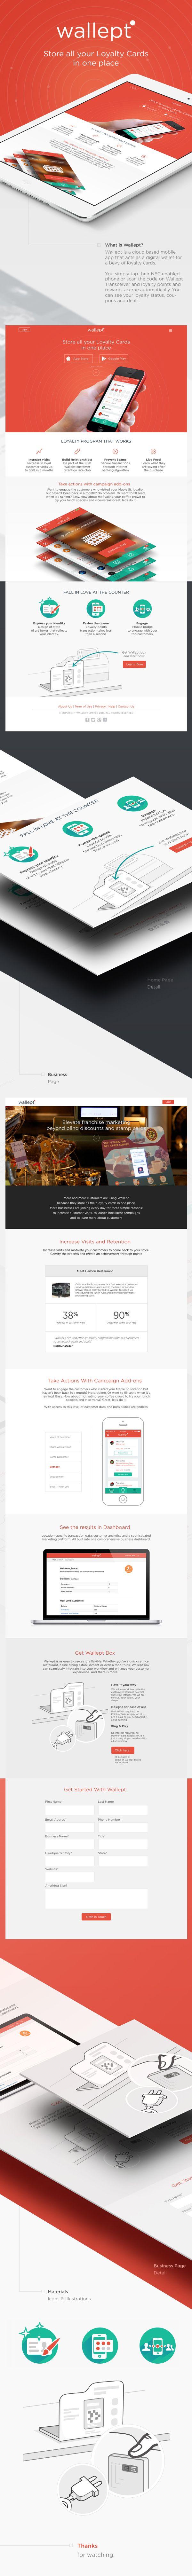 Wallept Website